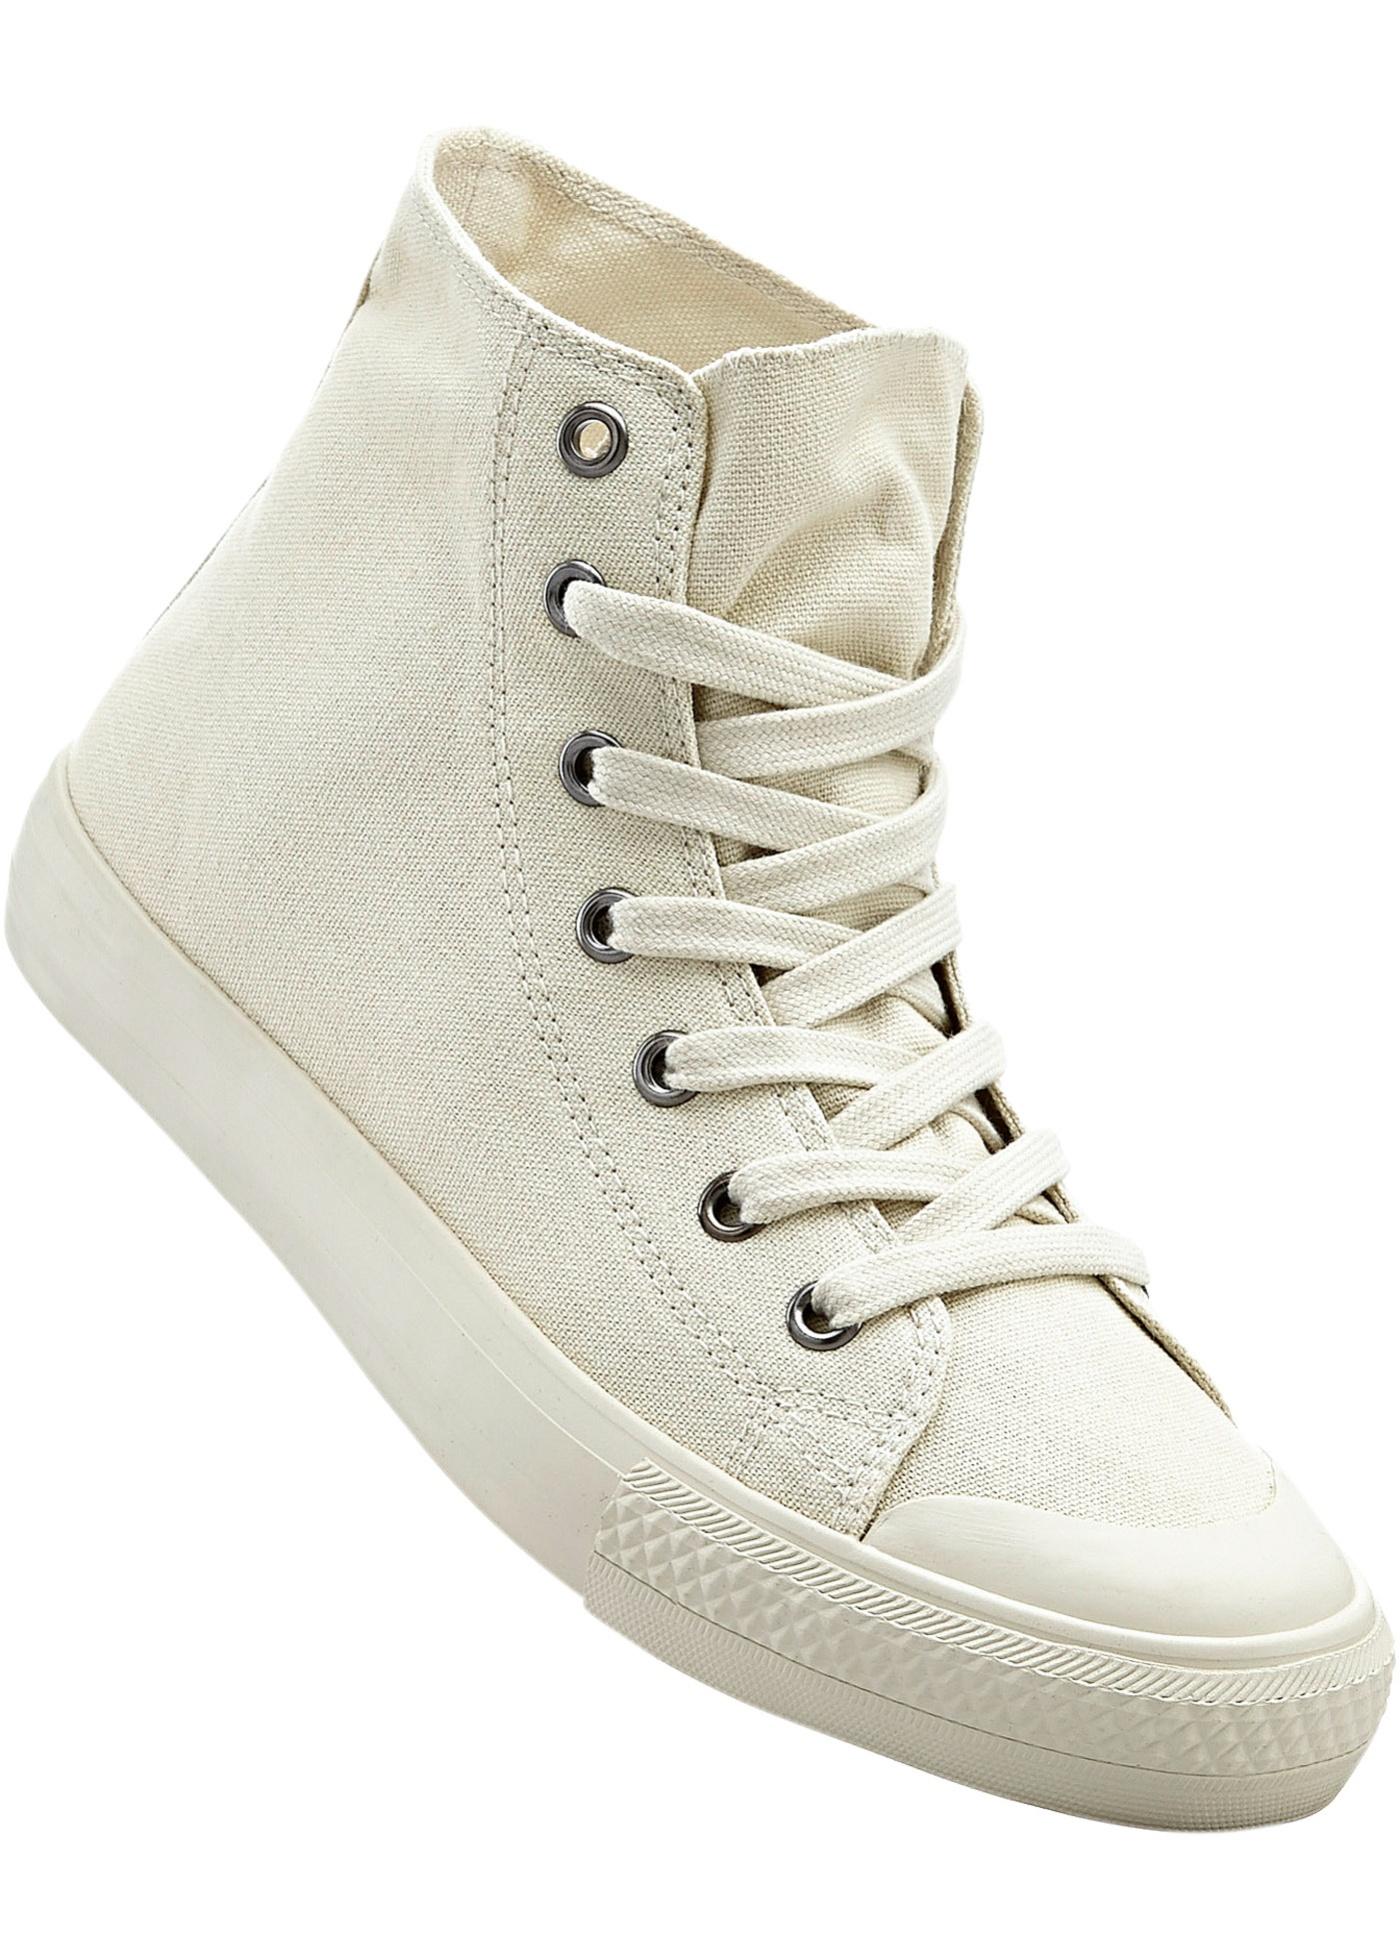 Sneakers à lacets, semelle extérieure légèrement profilée.